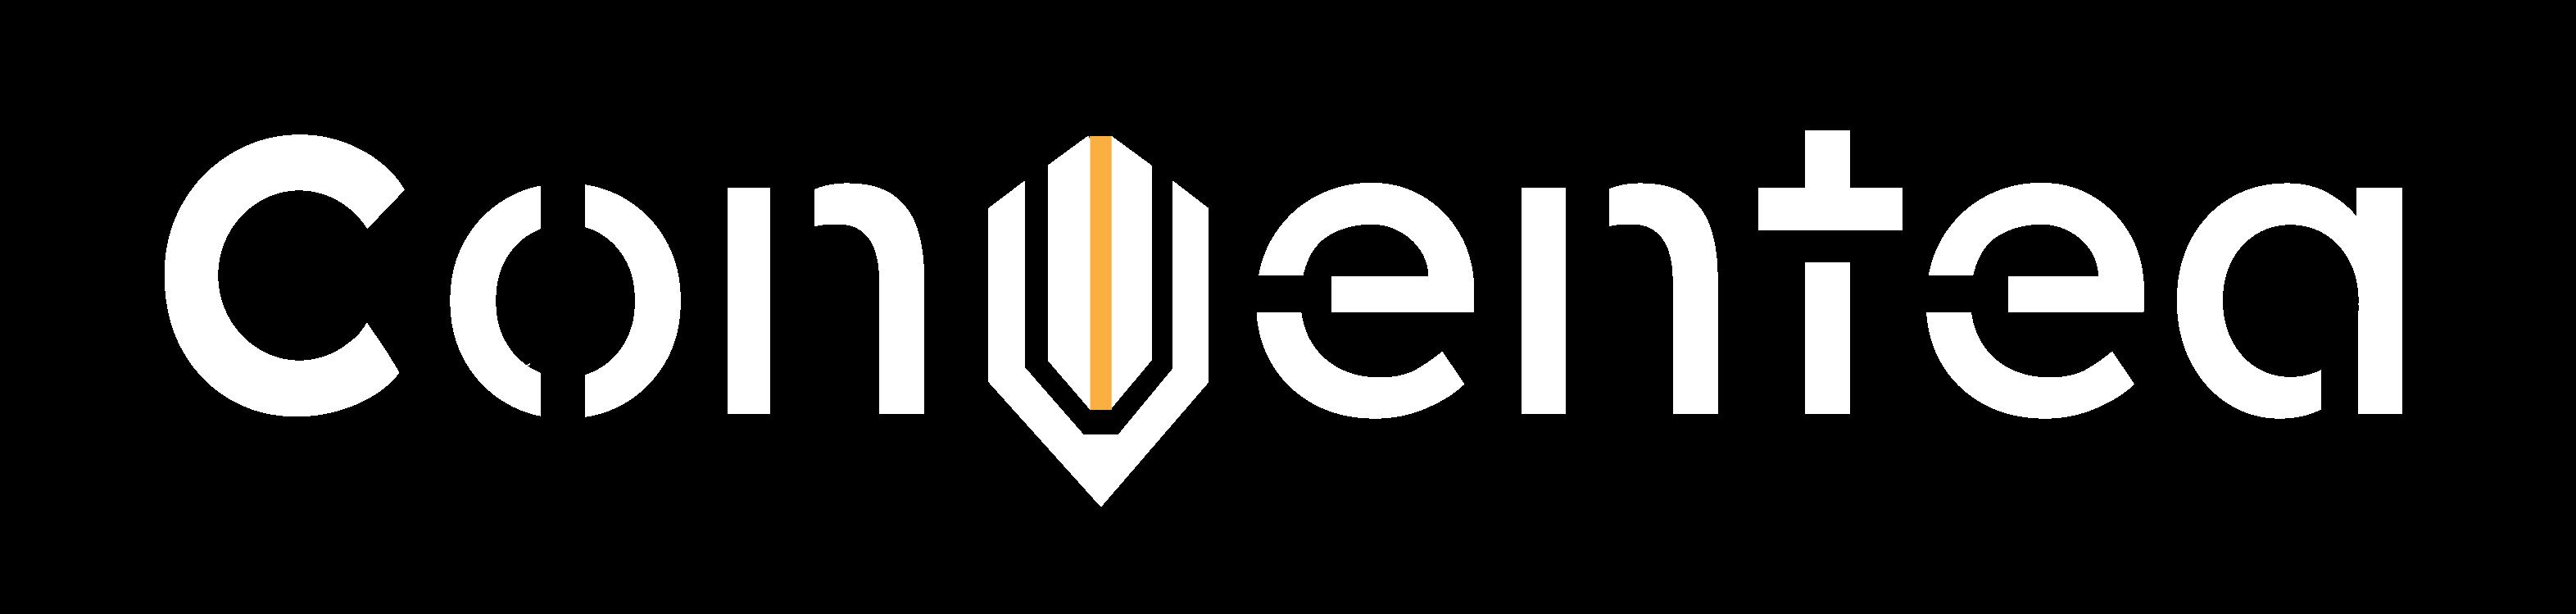 Conventea.com